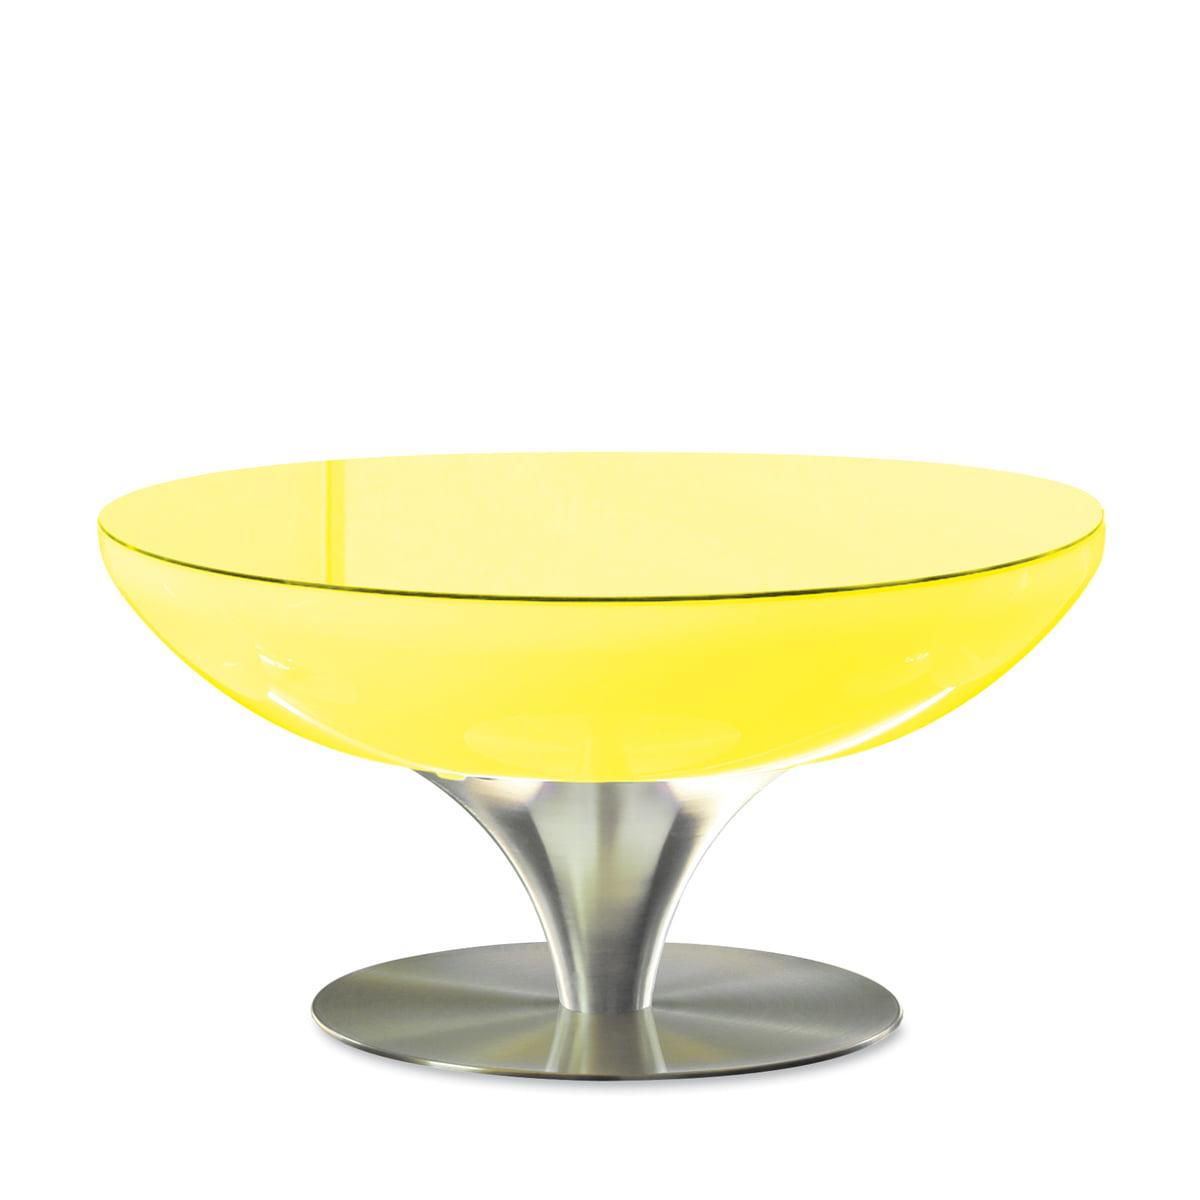 Wunderbar Innovatives Acryl Esstisch Design Colico Design Italien ...